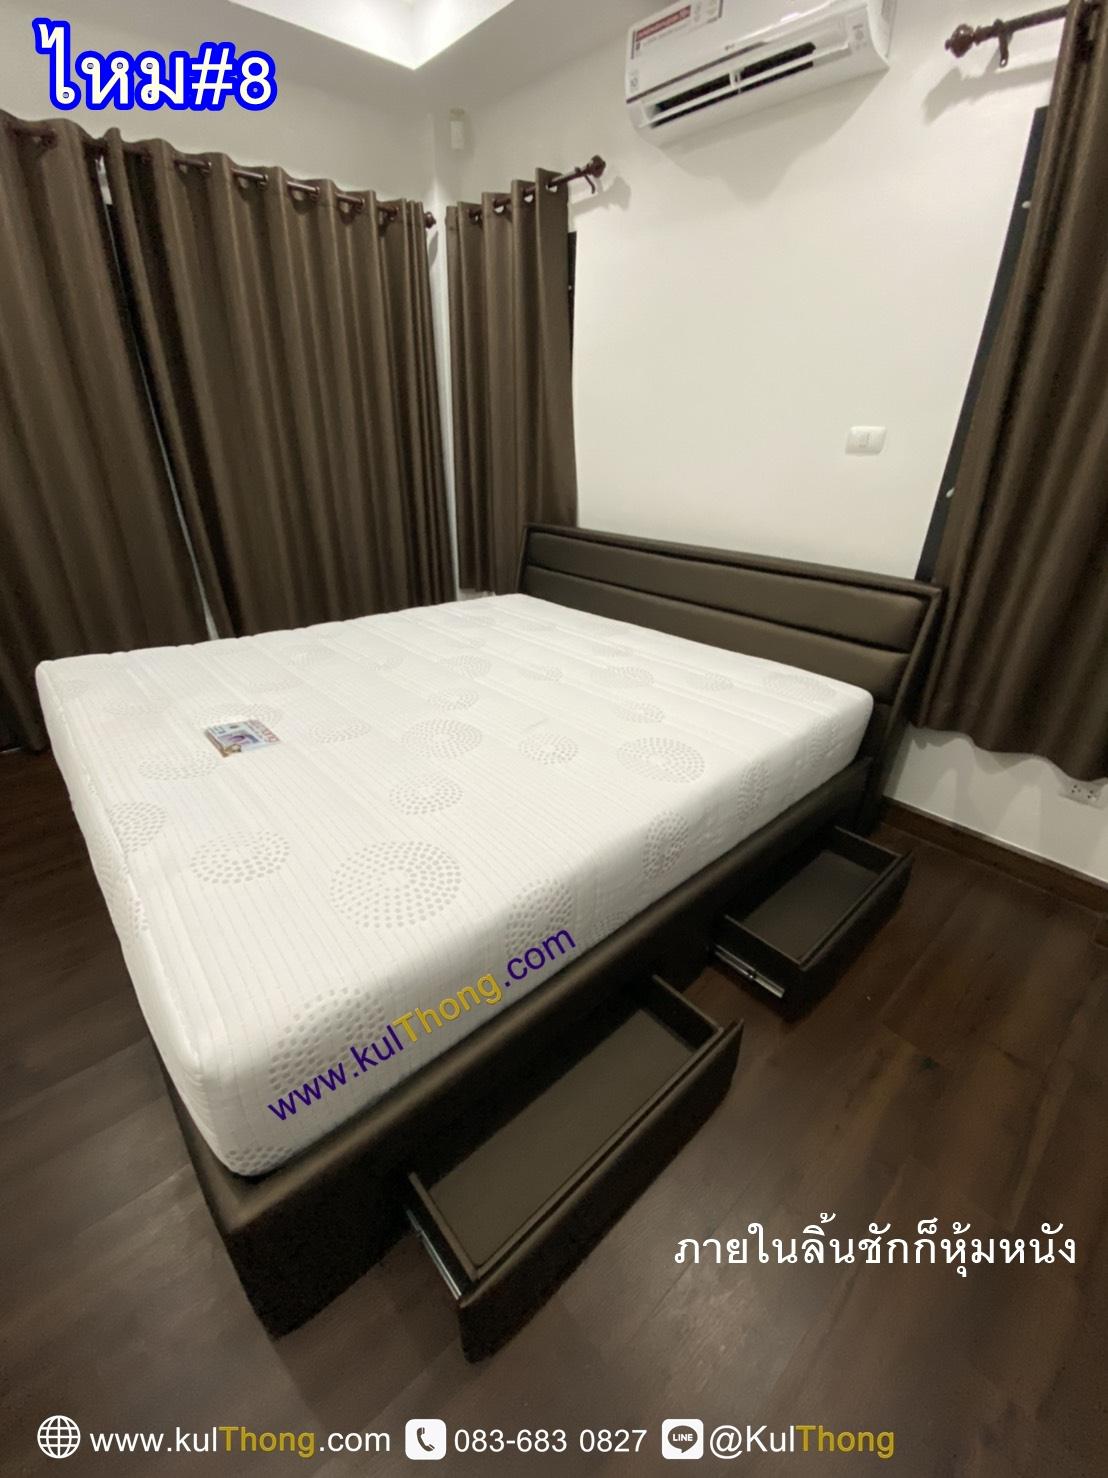 เตียงมีลิ้นชักหุ้มหนัง เตียงนอนราคาโรงงาน เตียงเก็บของ